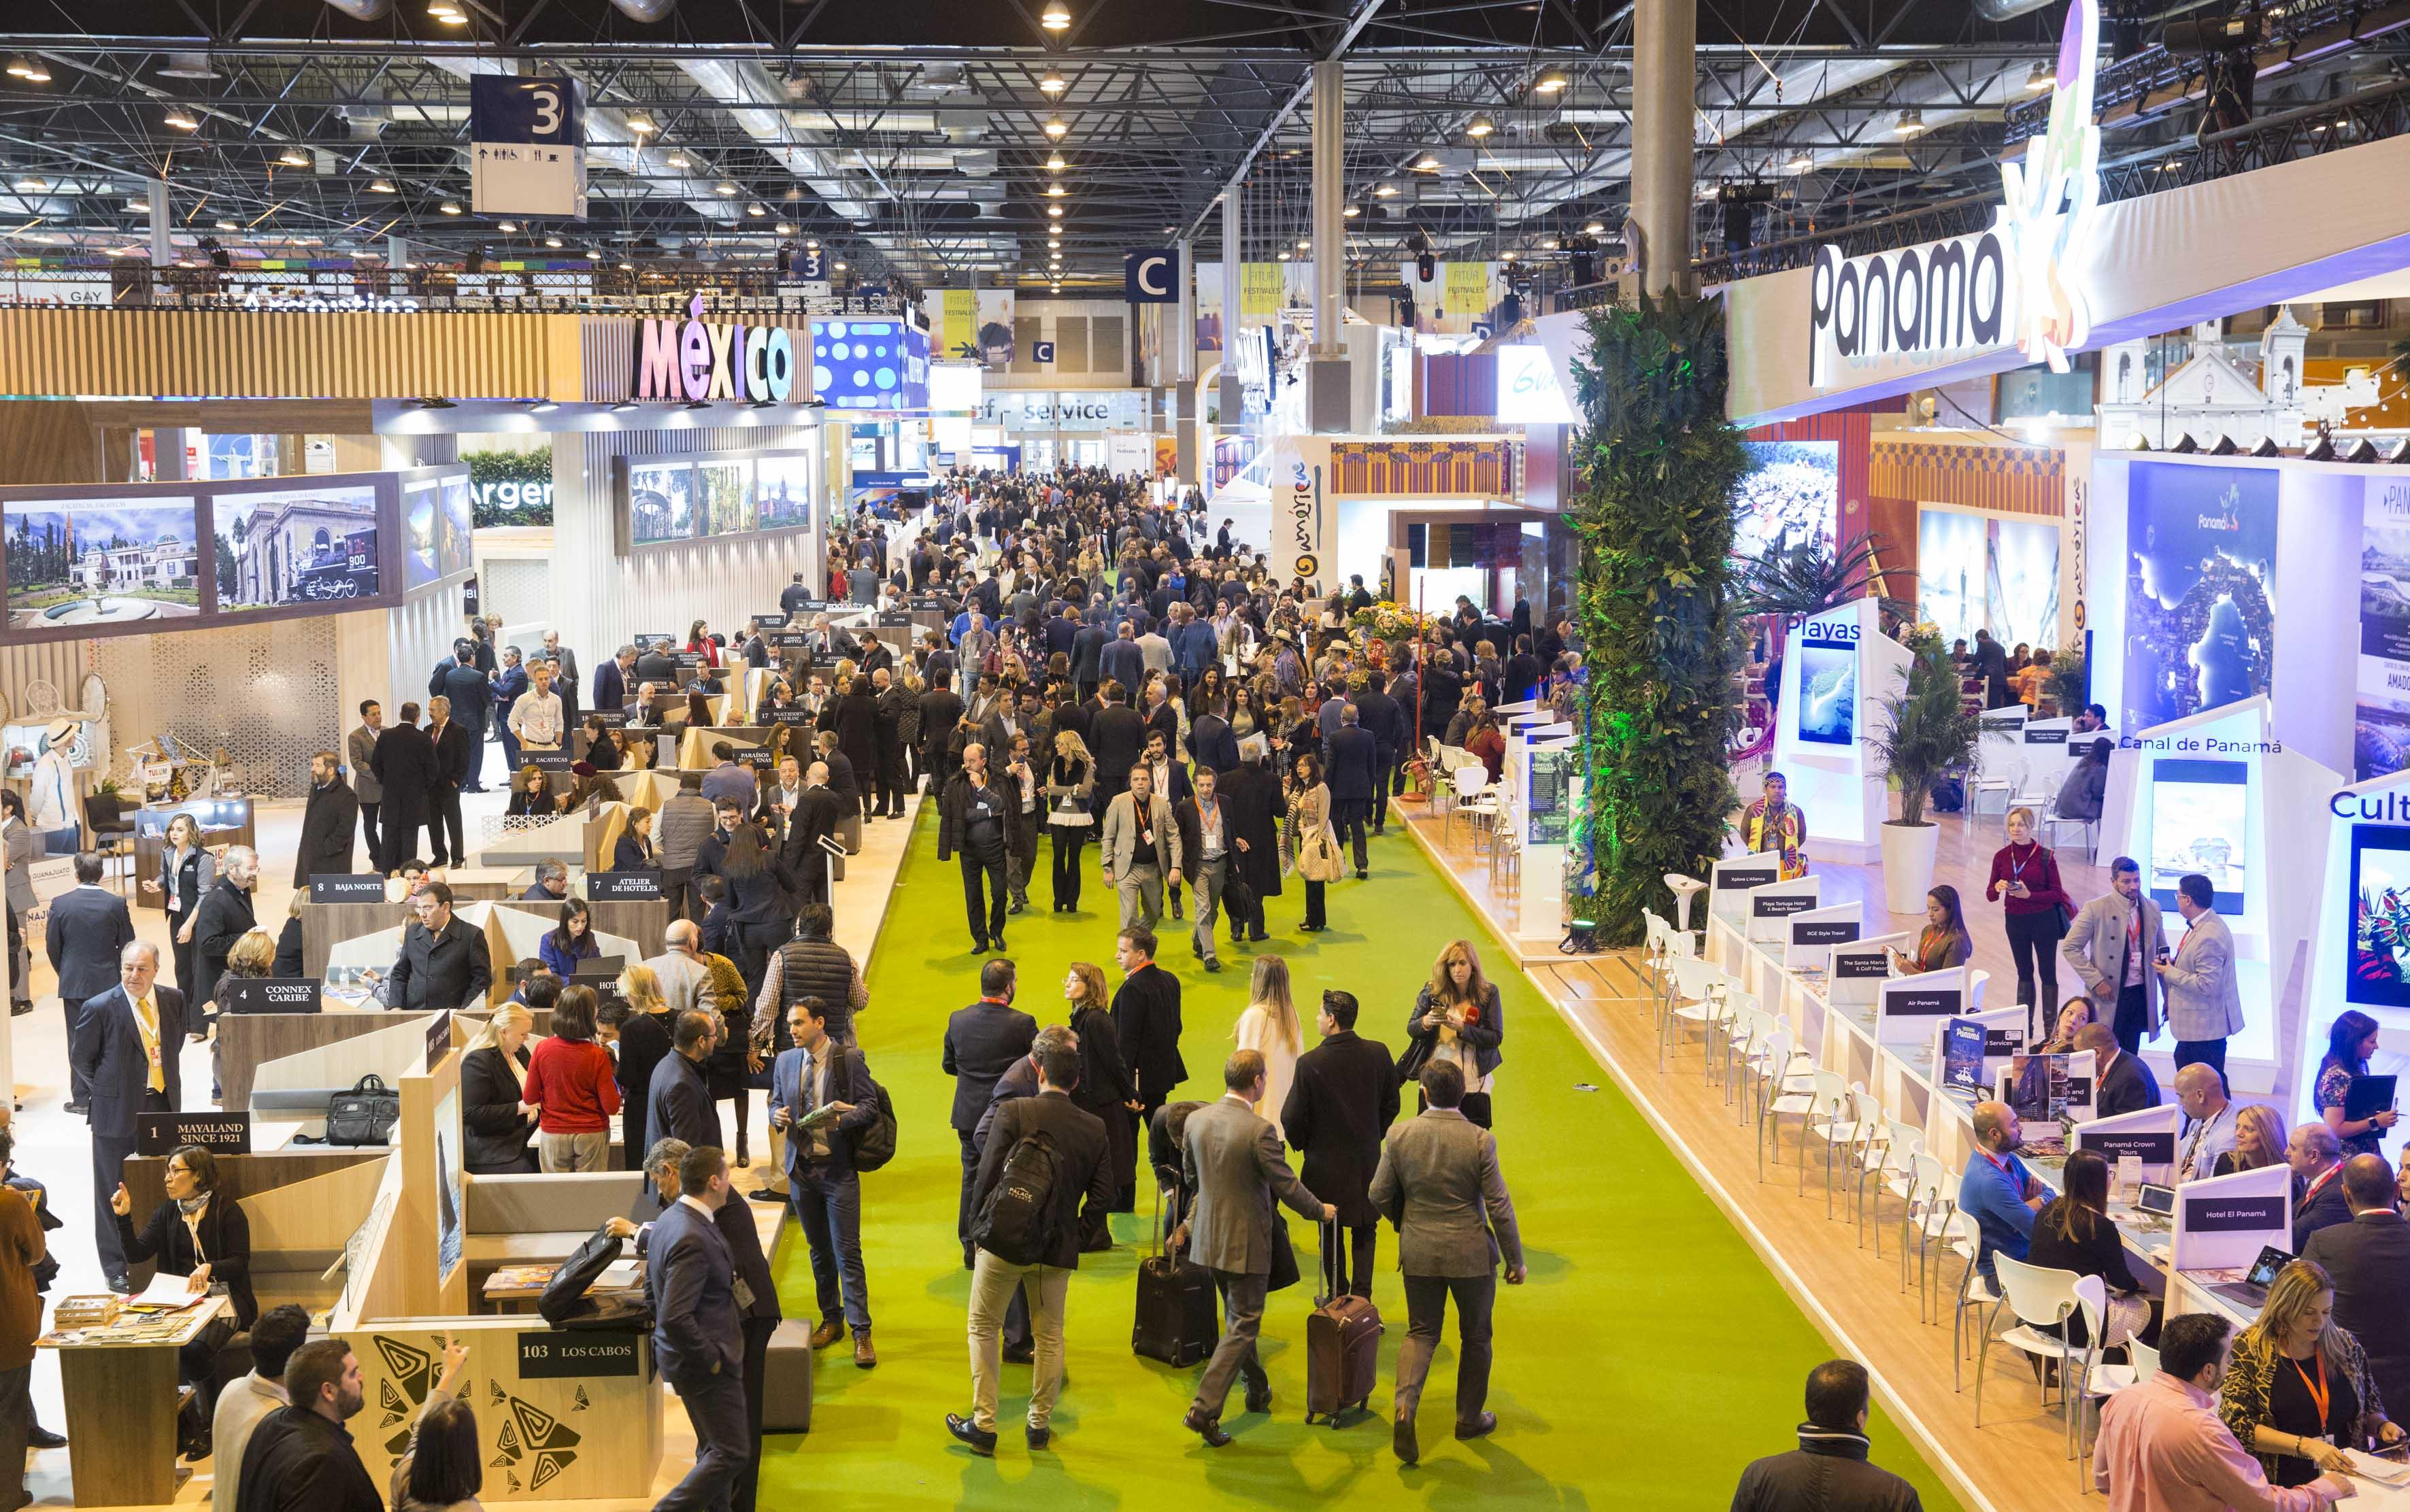 El gran evento internacional del turismo que organiza IFEMA se celebrara del 23 al 27 de enero de 2019 en Feria de Madrid  (Foto Prensa Libre: Hemeroteca)